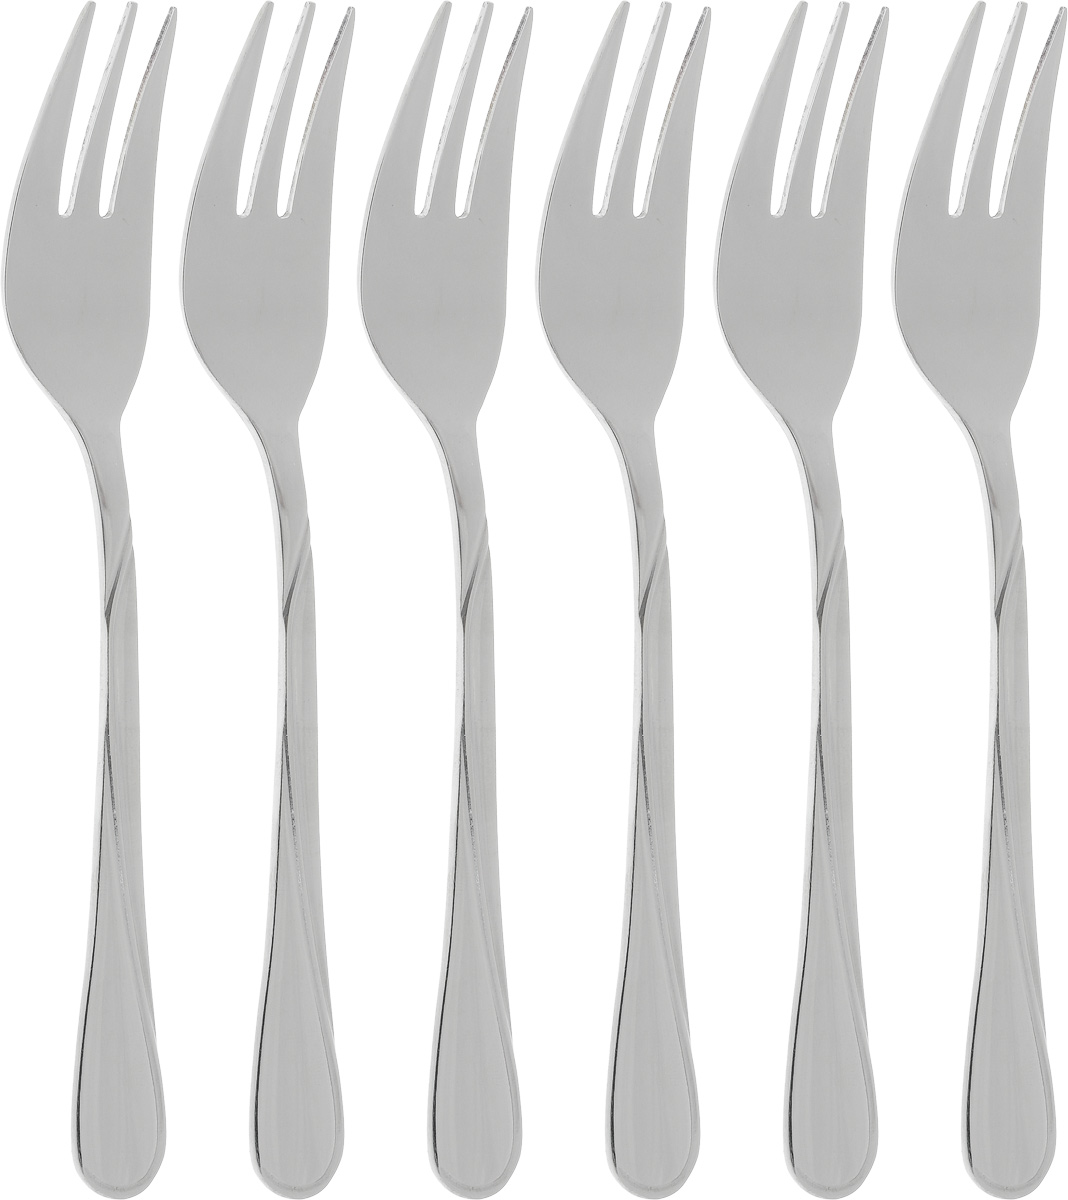 Набор десертных вилок Bohmann Длинная волна № 2, 6 шт115510Набор десертных вилок Bohmann Длинная волна № 2 займет достойное место среди аксессуаров на вашей кухне. В набор входит 6 предметов. Вилки изготовлены из нержавеющей стали и имеют эргономичные ручки.Эффектный дизайн, качество изготовления и многофункциональность в использовании позволяют выделить десертные вилки Bohmann Длинная волна №2 из ряда подобных.Длина вилок: 14,5 см.